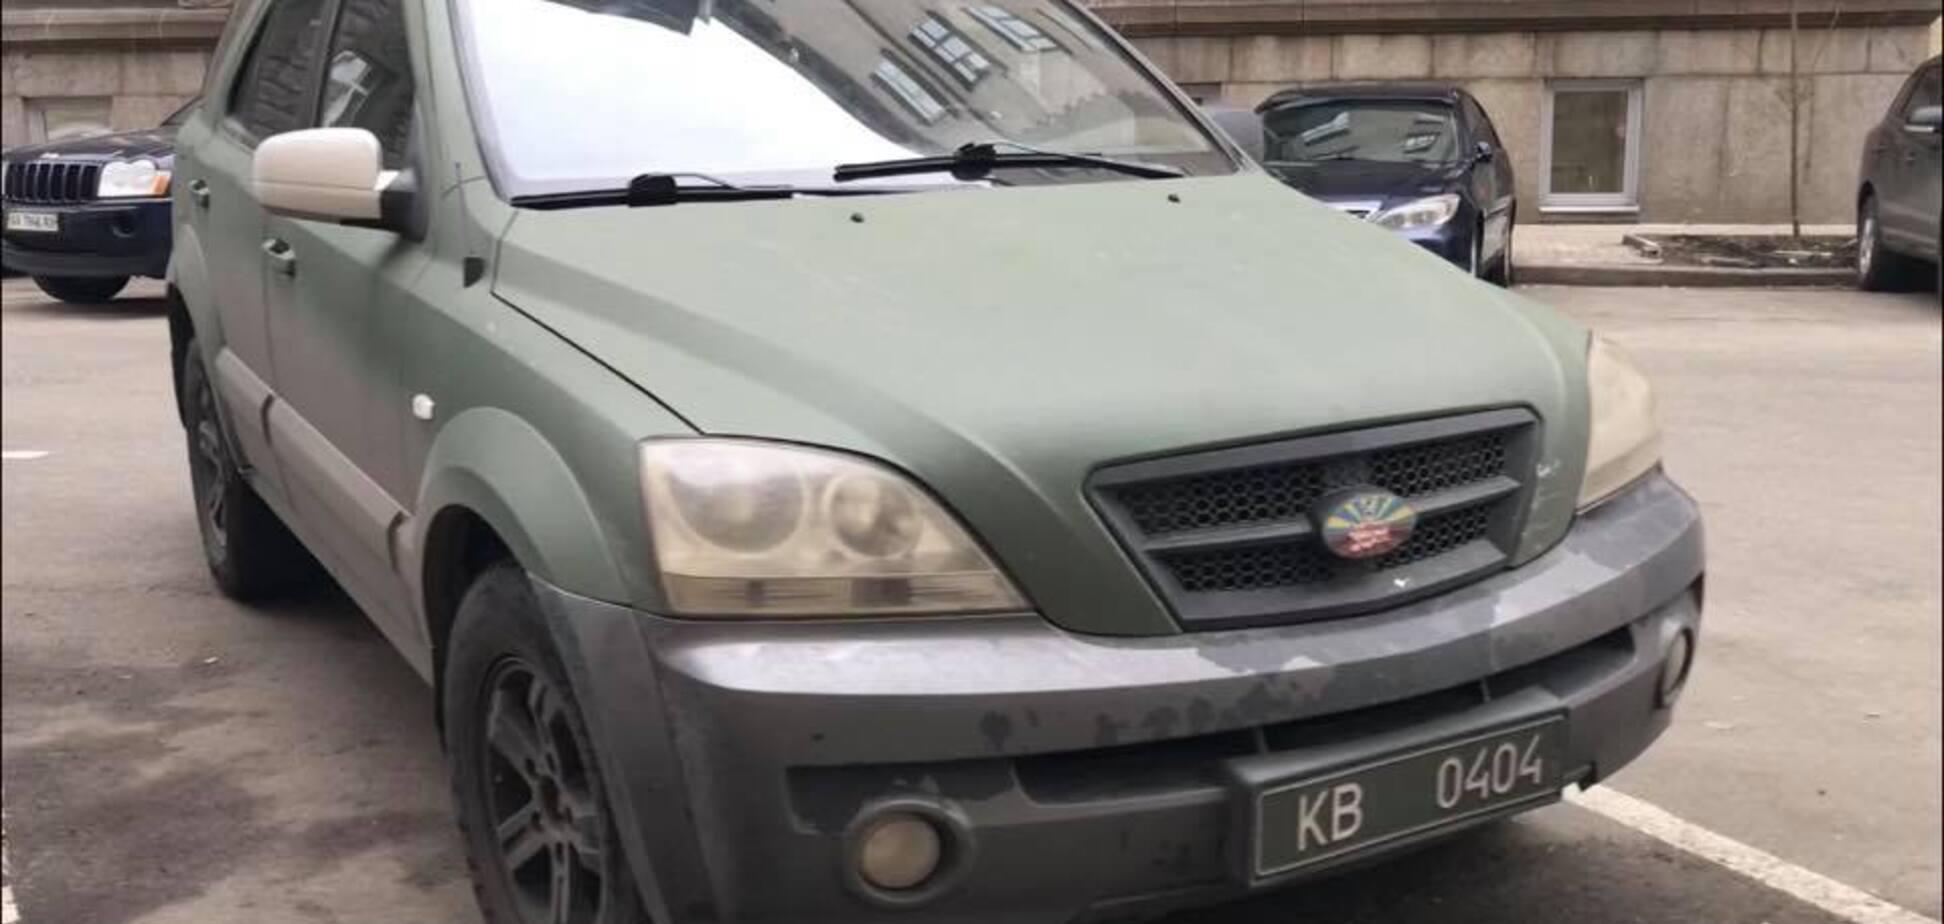 Гаврилюка поймали на авто для АТОшников: появились новые подробности